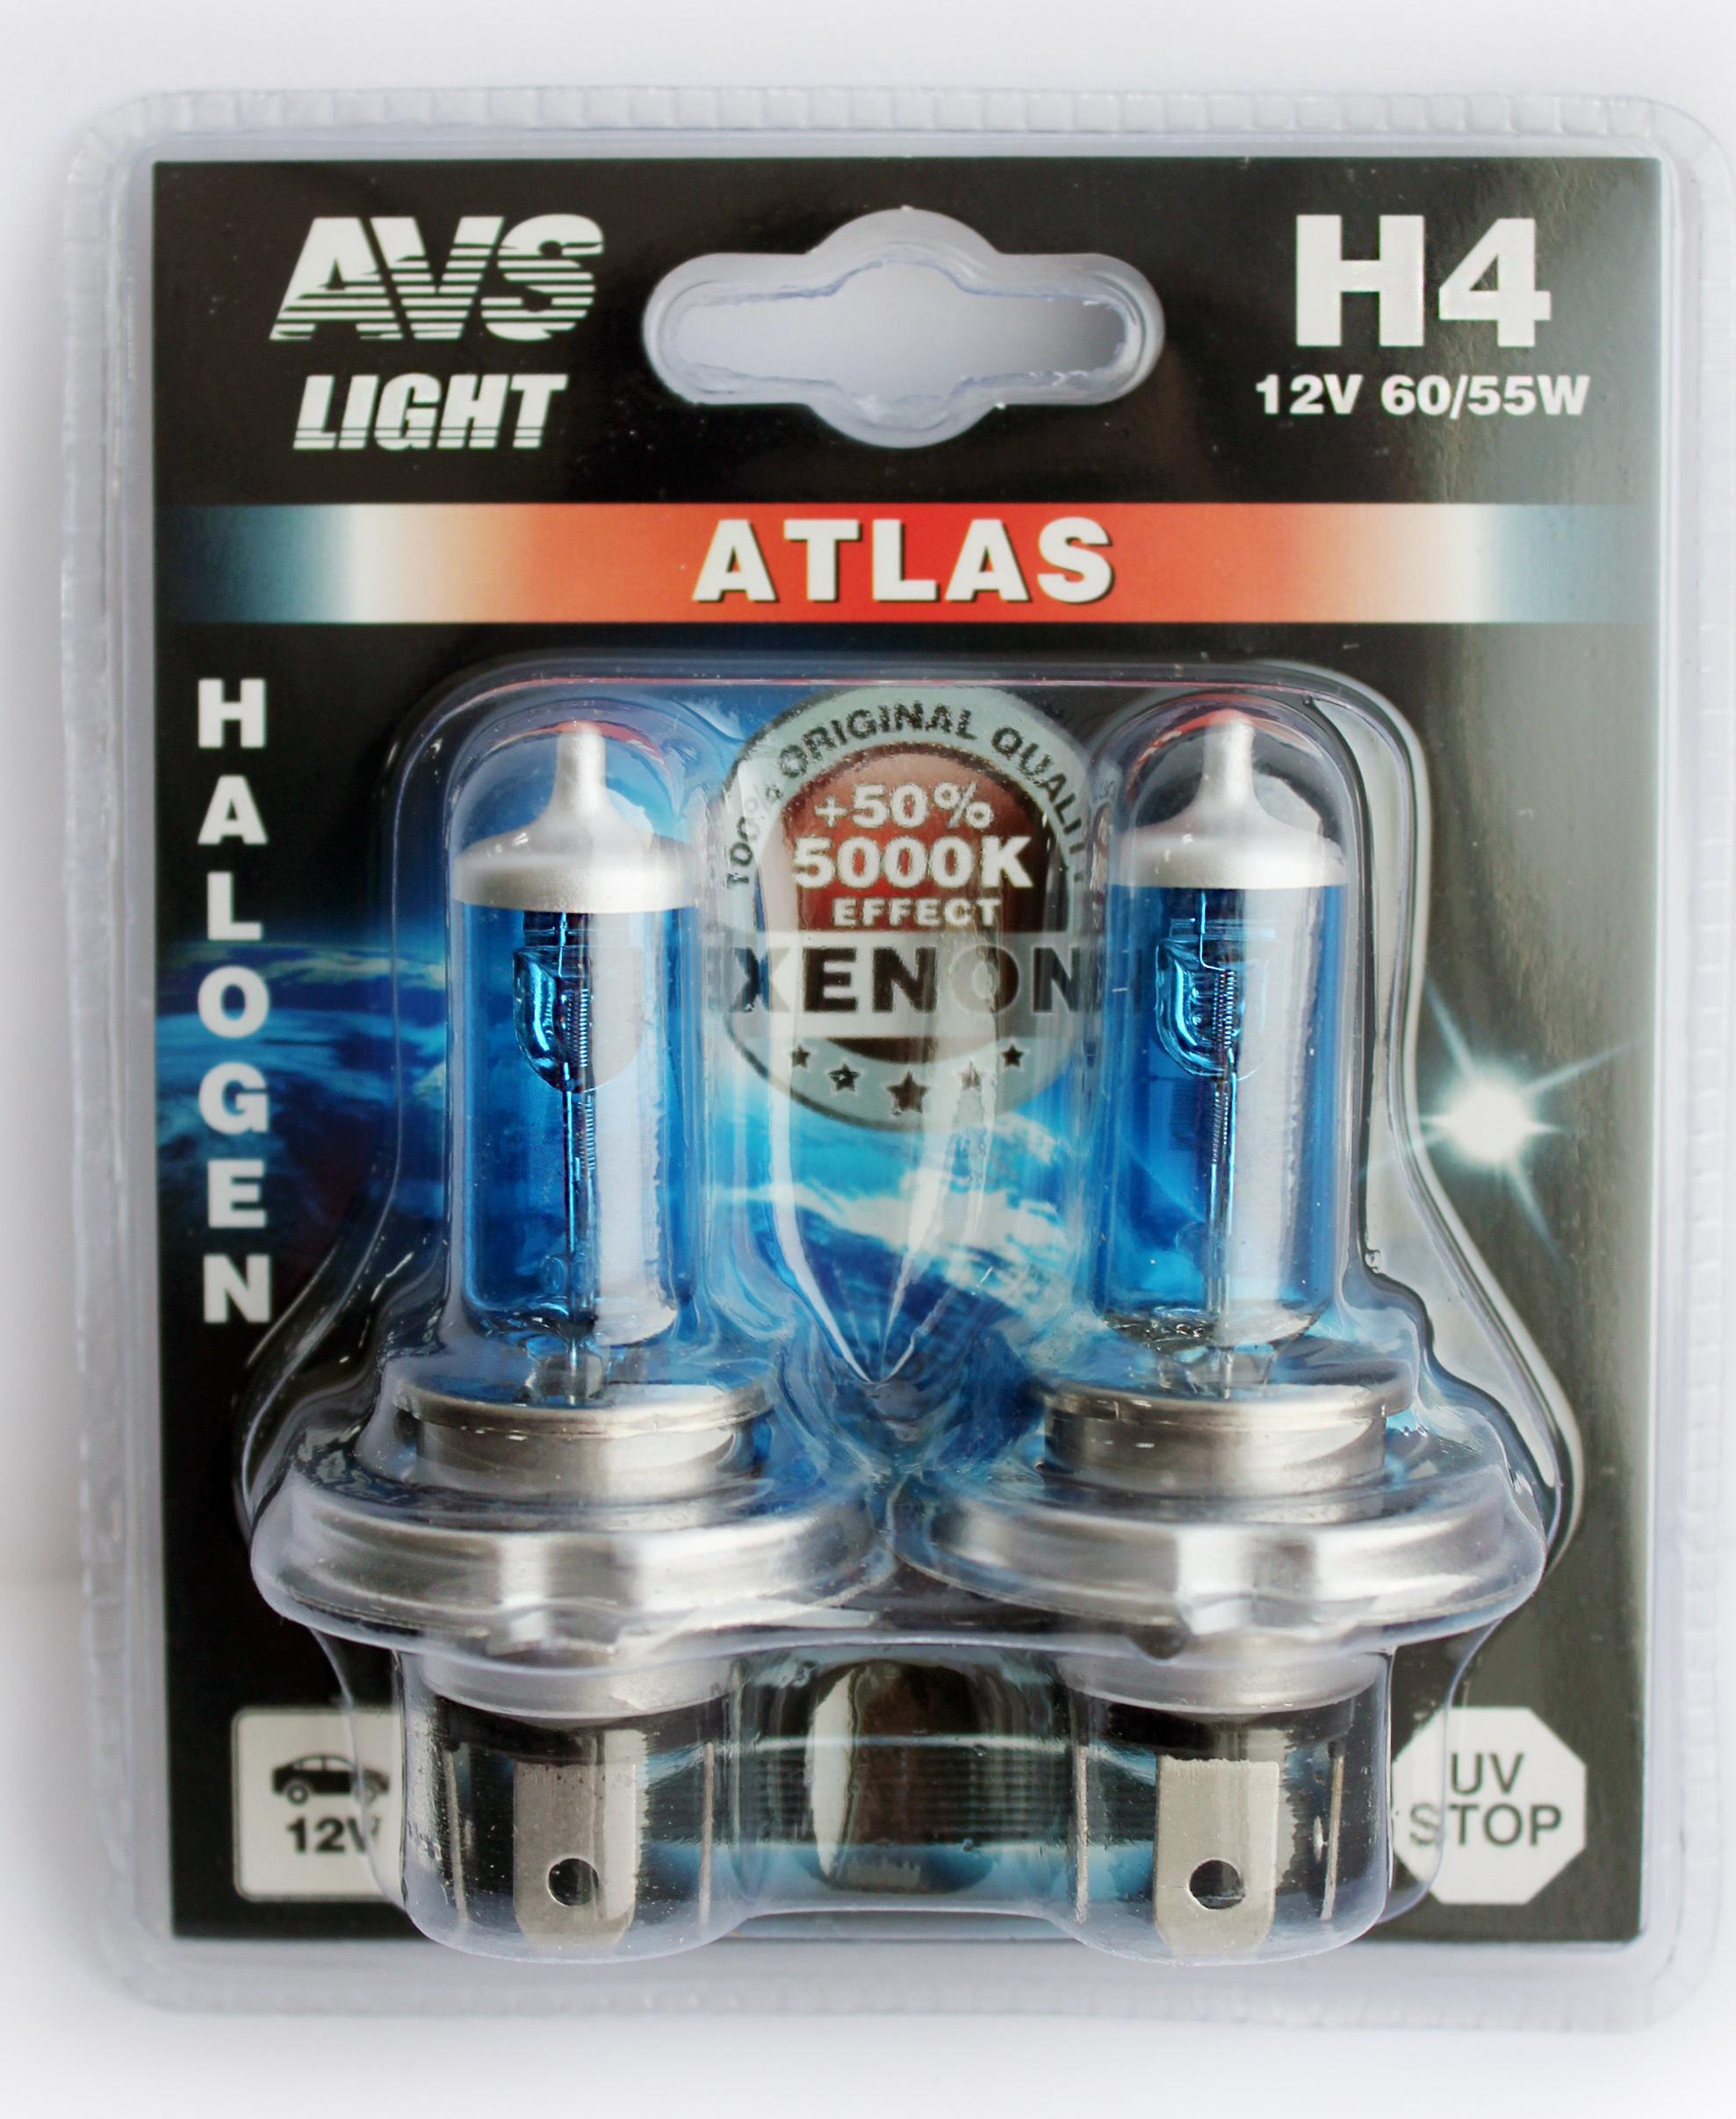 купить Лампа автомобильная Avs Atlas h4 12v 60 55w недорого